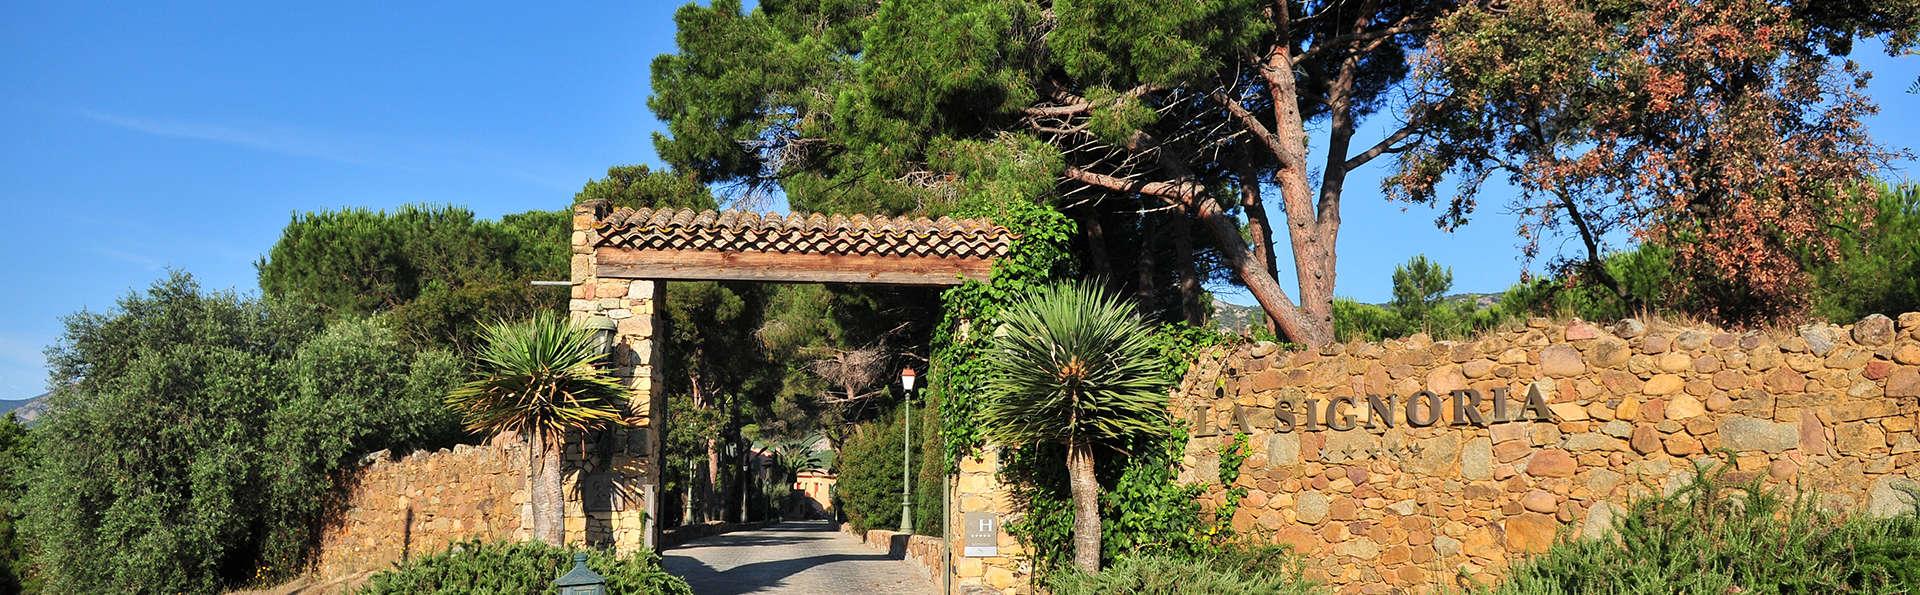 Hôtel Et SPA La Signoria - Edit_Front.jpg